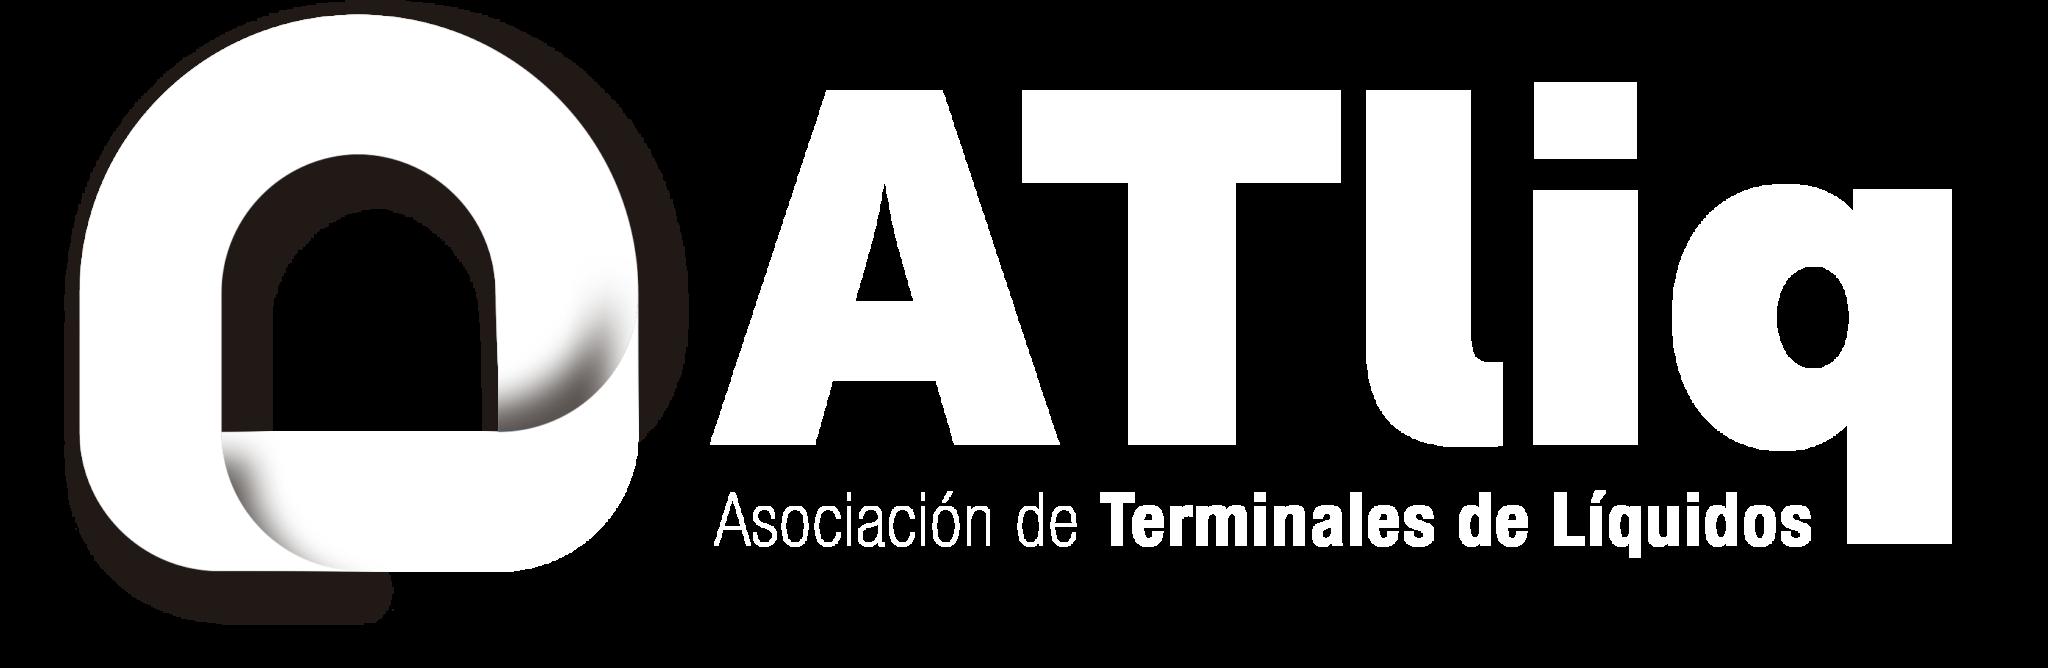 Asociación de Terminales de Líquidos